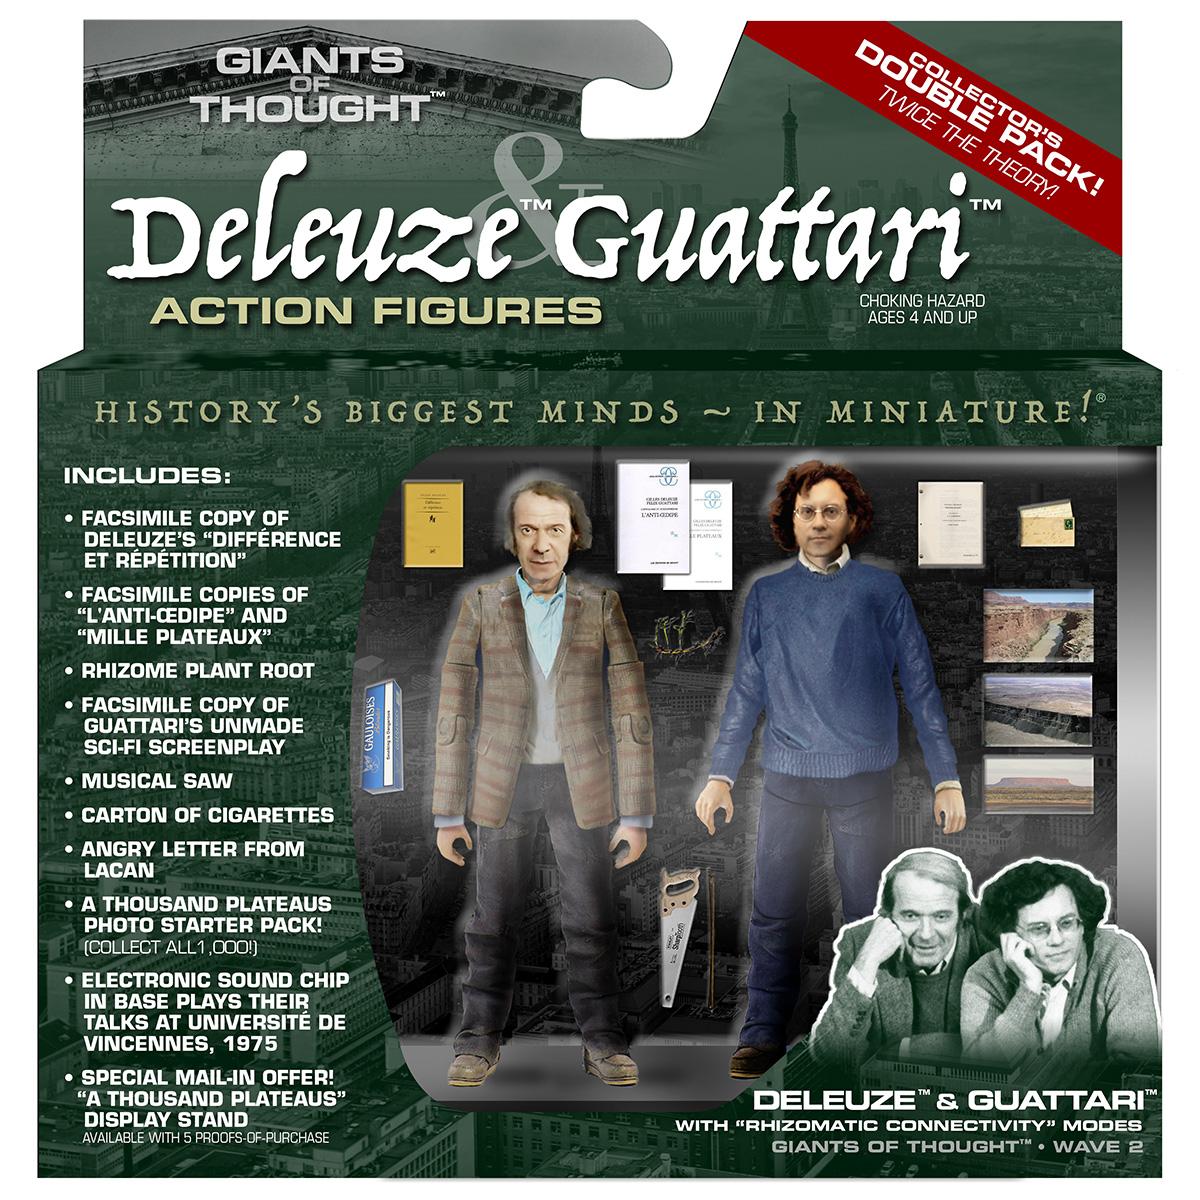 DeleuzeAndGuattari-1.jpg